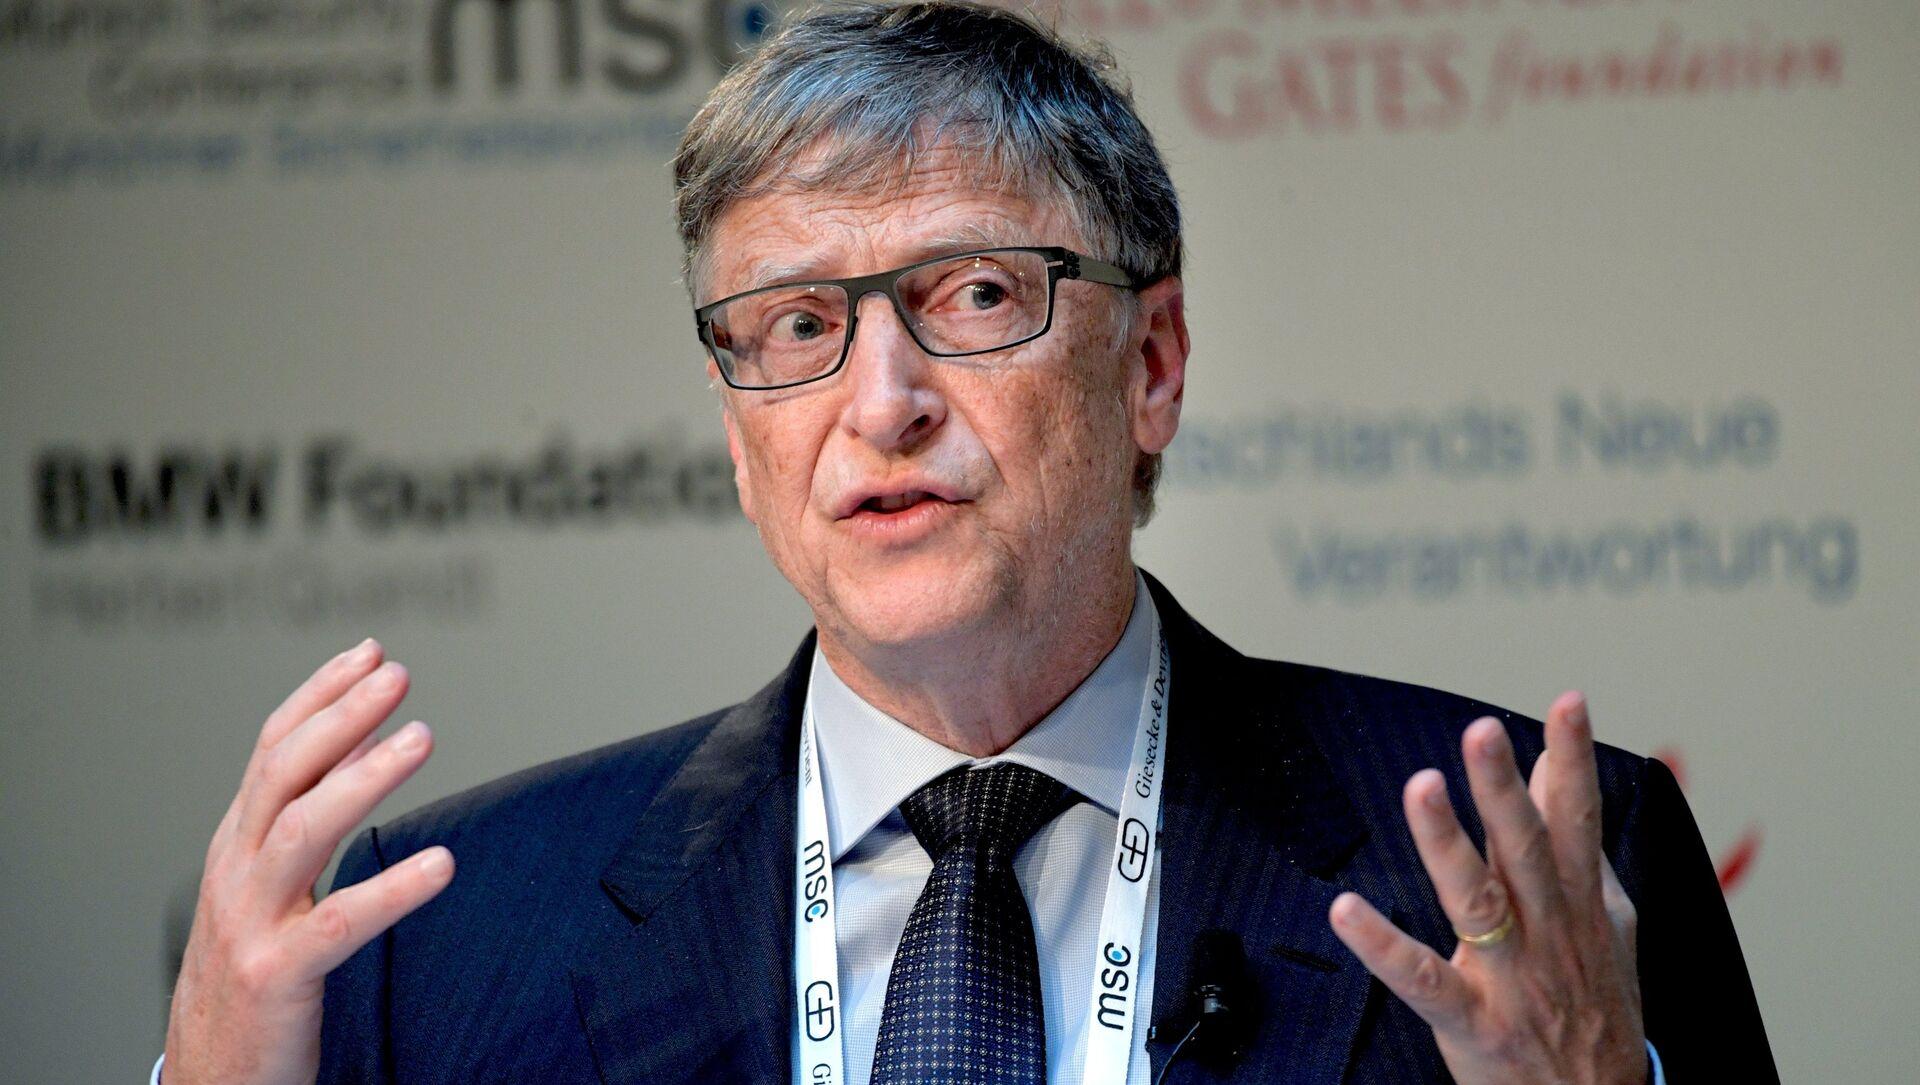 53-я Мюнхенская конференция по безопасности .Билл Гейтс - Sputnik Грузия, 1920, 08.02.2021